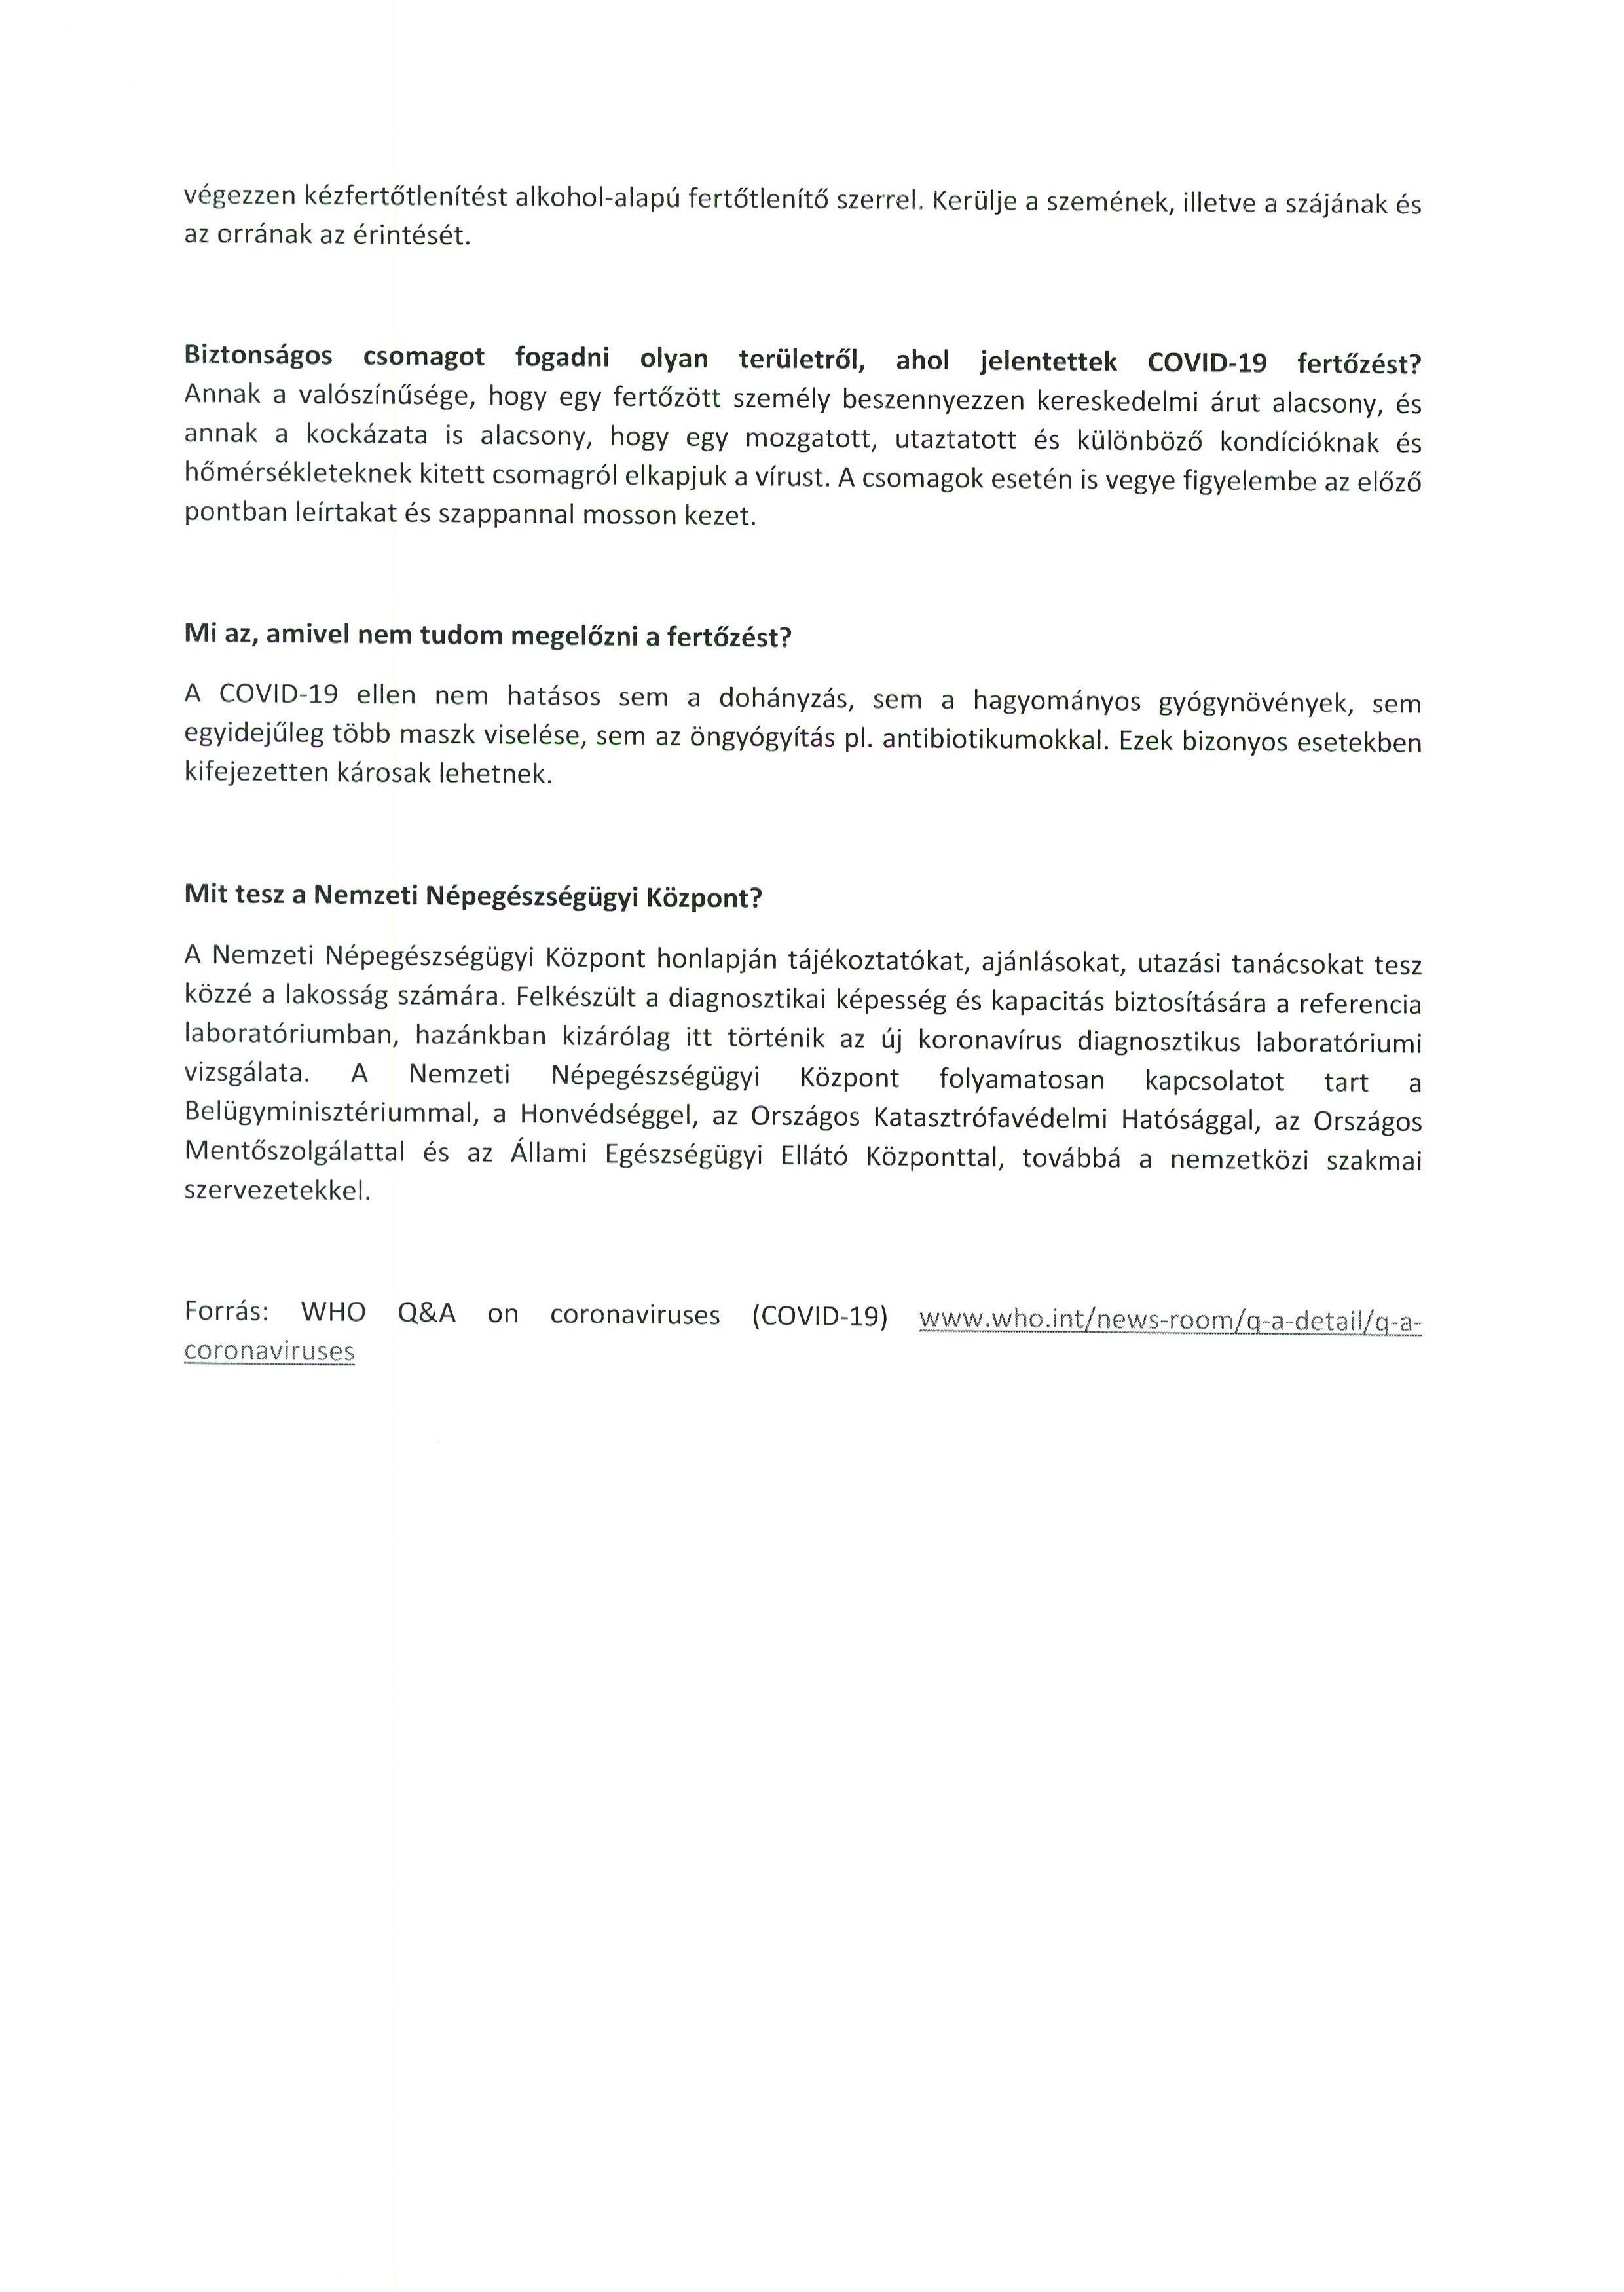 TÁJÉKOZTATÓ a COVID-19-koronavírussal kapcsolatosan.4